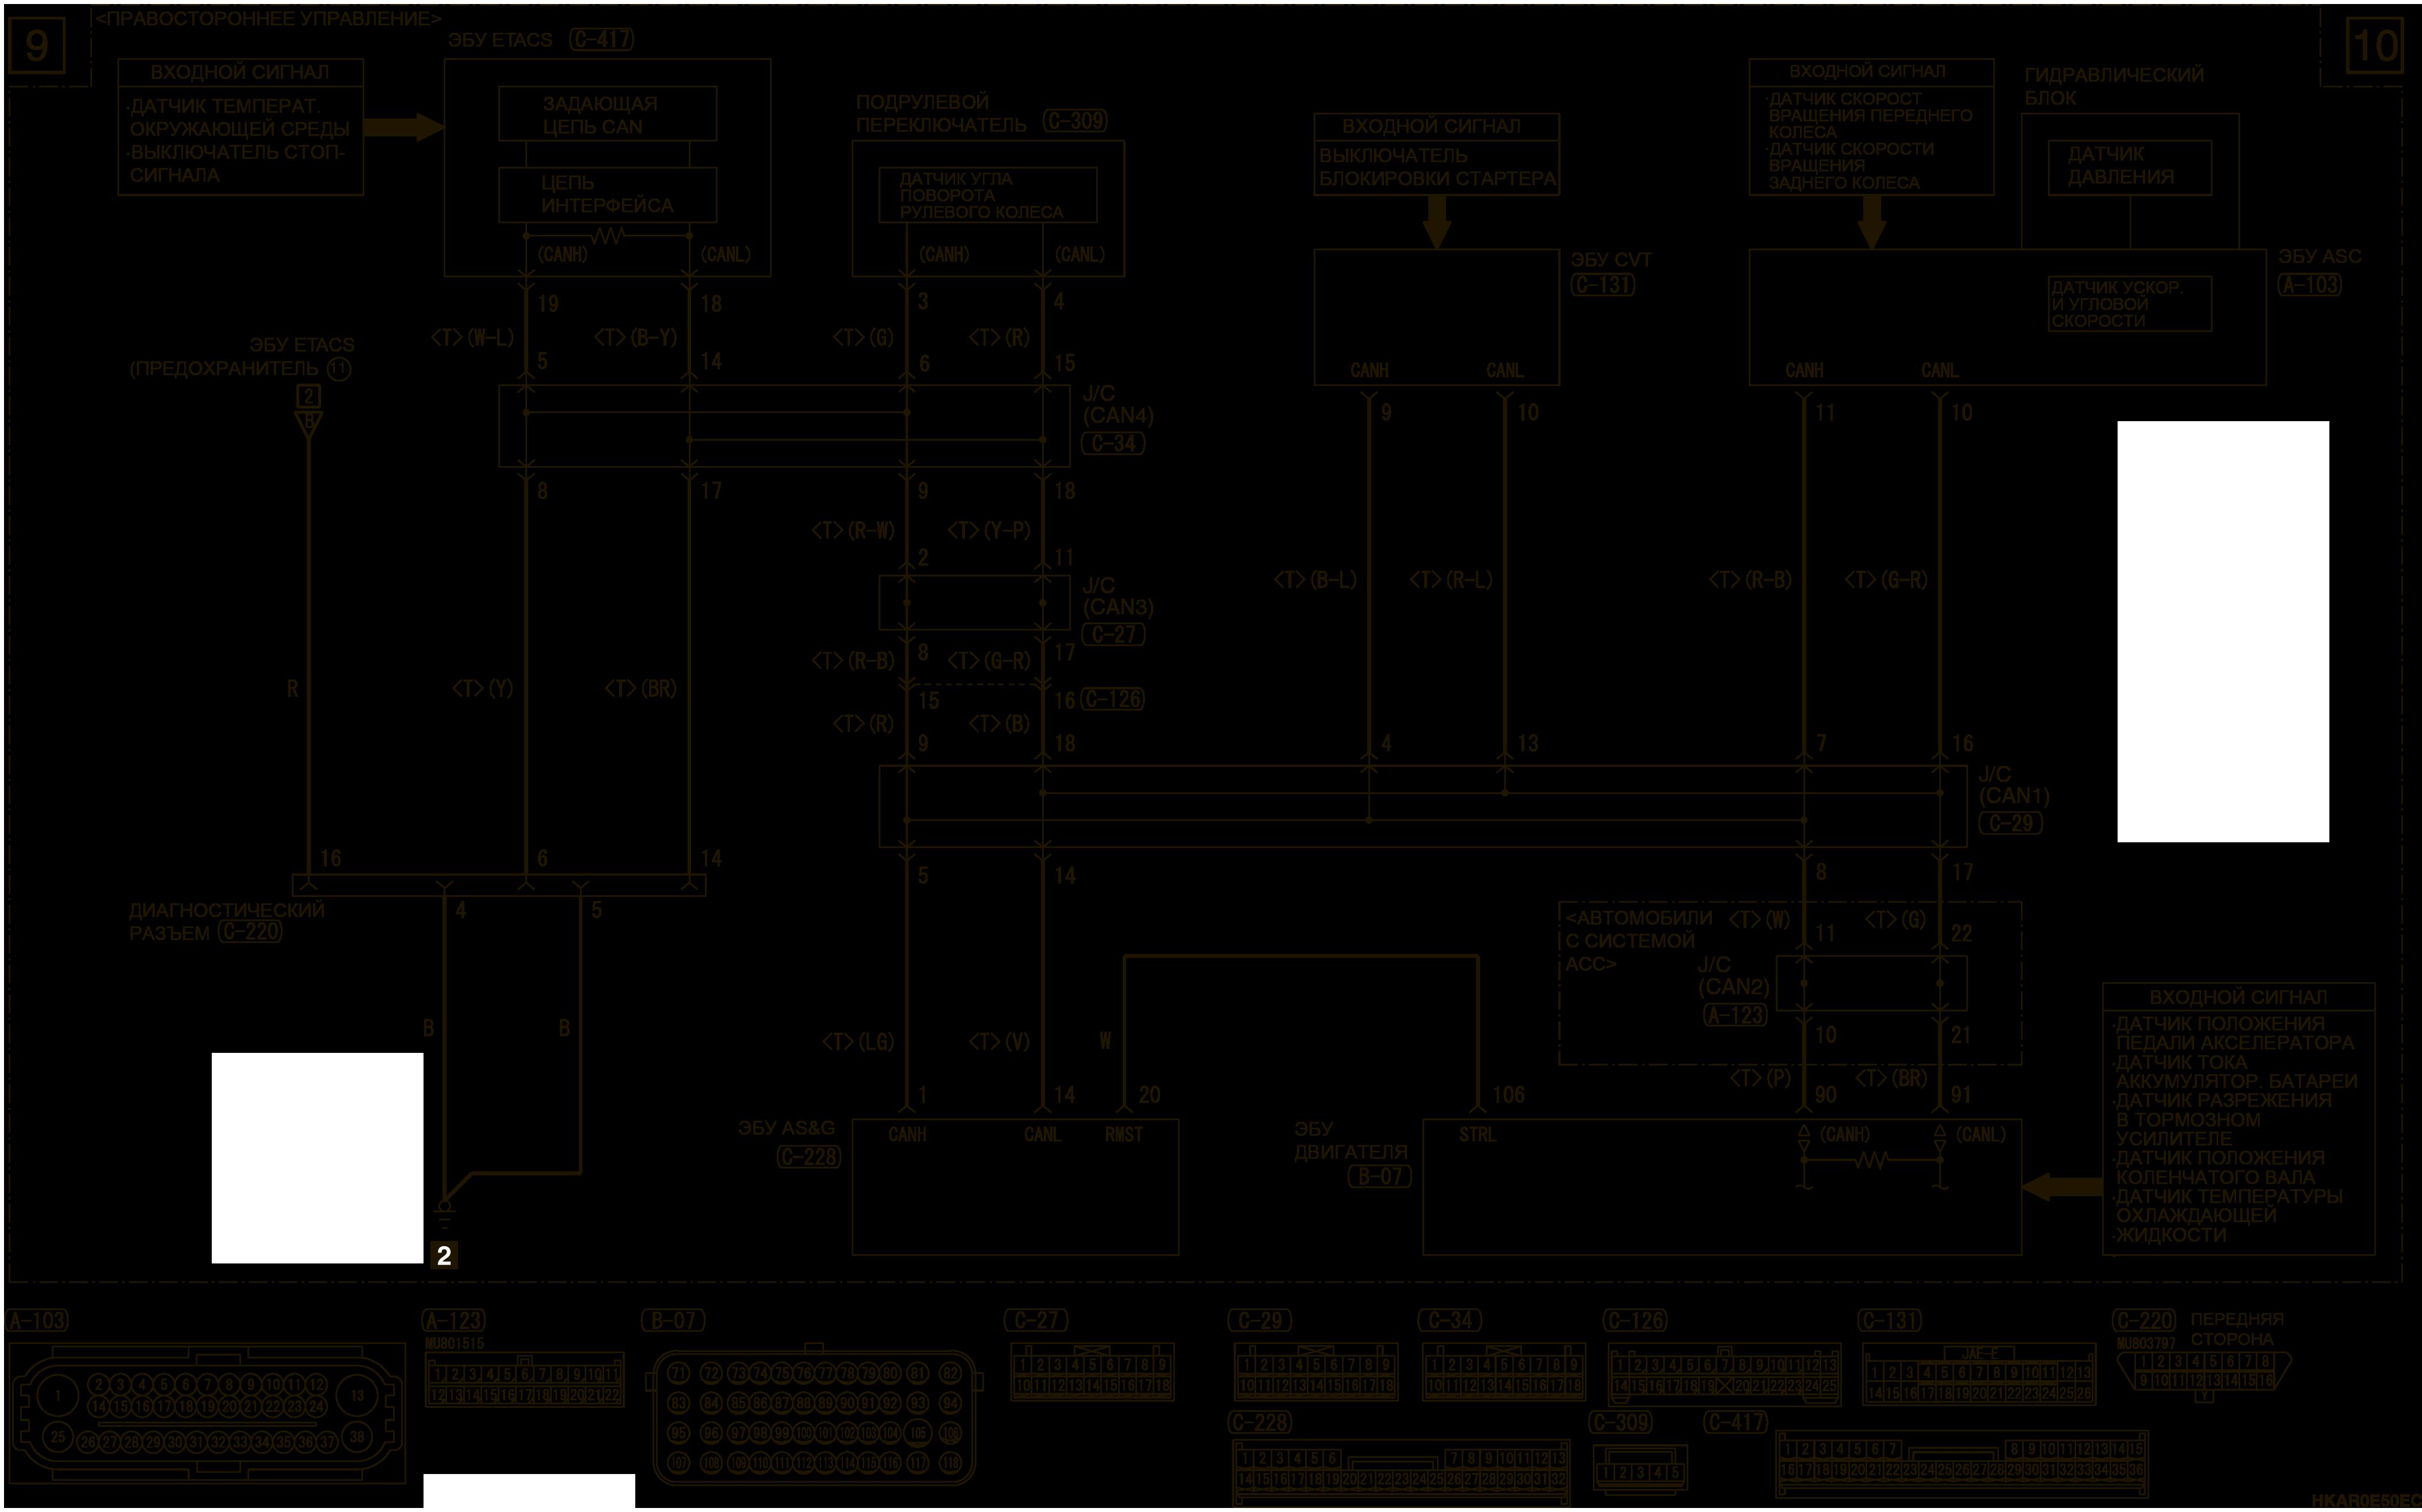 mmc аутлендер 3 2019 электросхемаСИСТЕМА АВТОМАТИЧЕСКОГО ОСТАНОВА И ЗАПУСКА ДВИГАТЕЛЯ (AS&G) 4J1-CVT